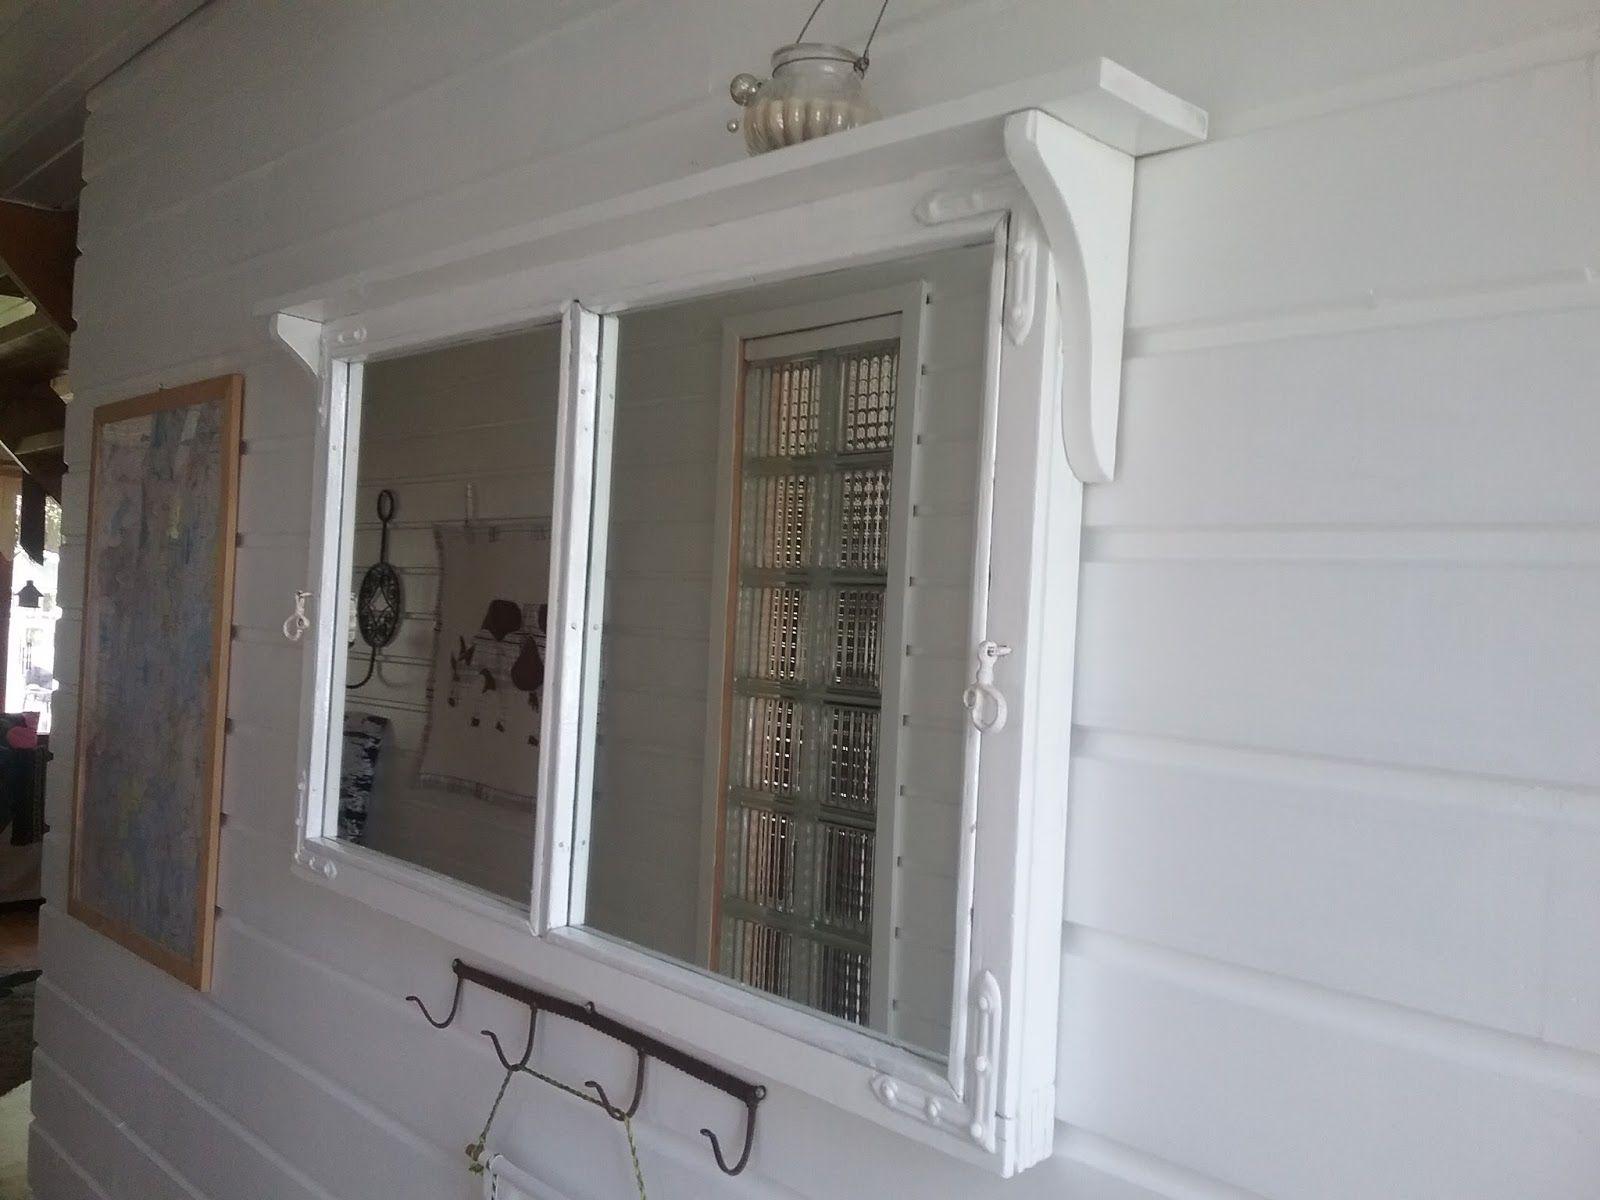 Peili lienee yleisempiä vanhoista ikkunapokista valmistettuja esineitä. Minunkin piti saada sellainen. Tarina sai alkunsa siitä , että van...